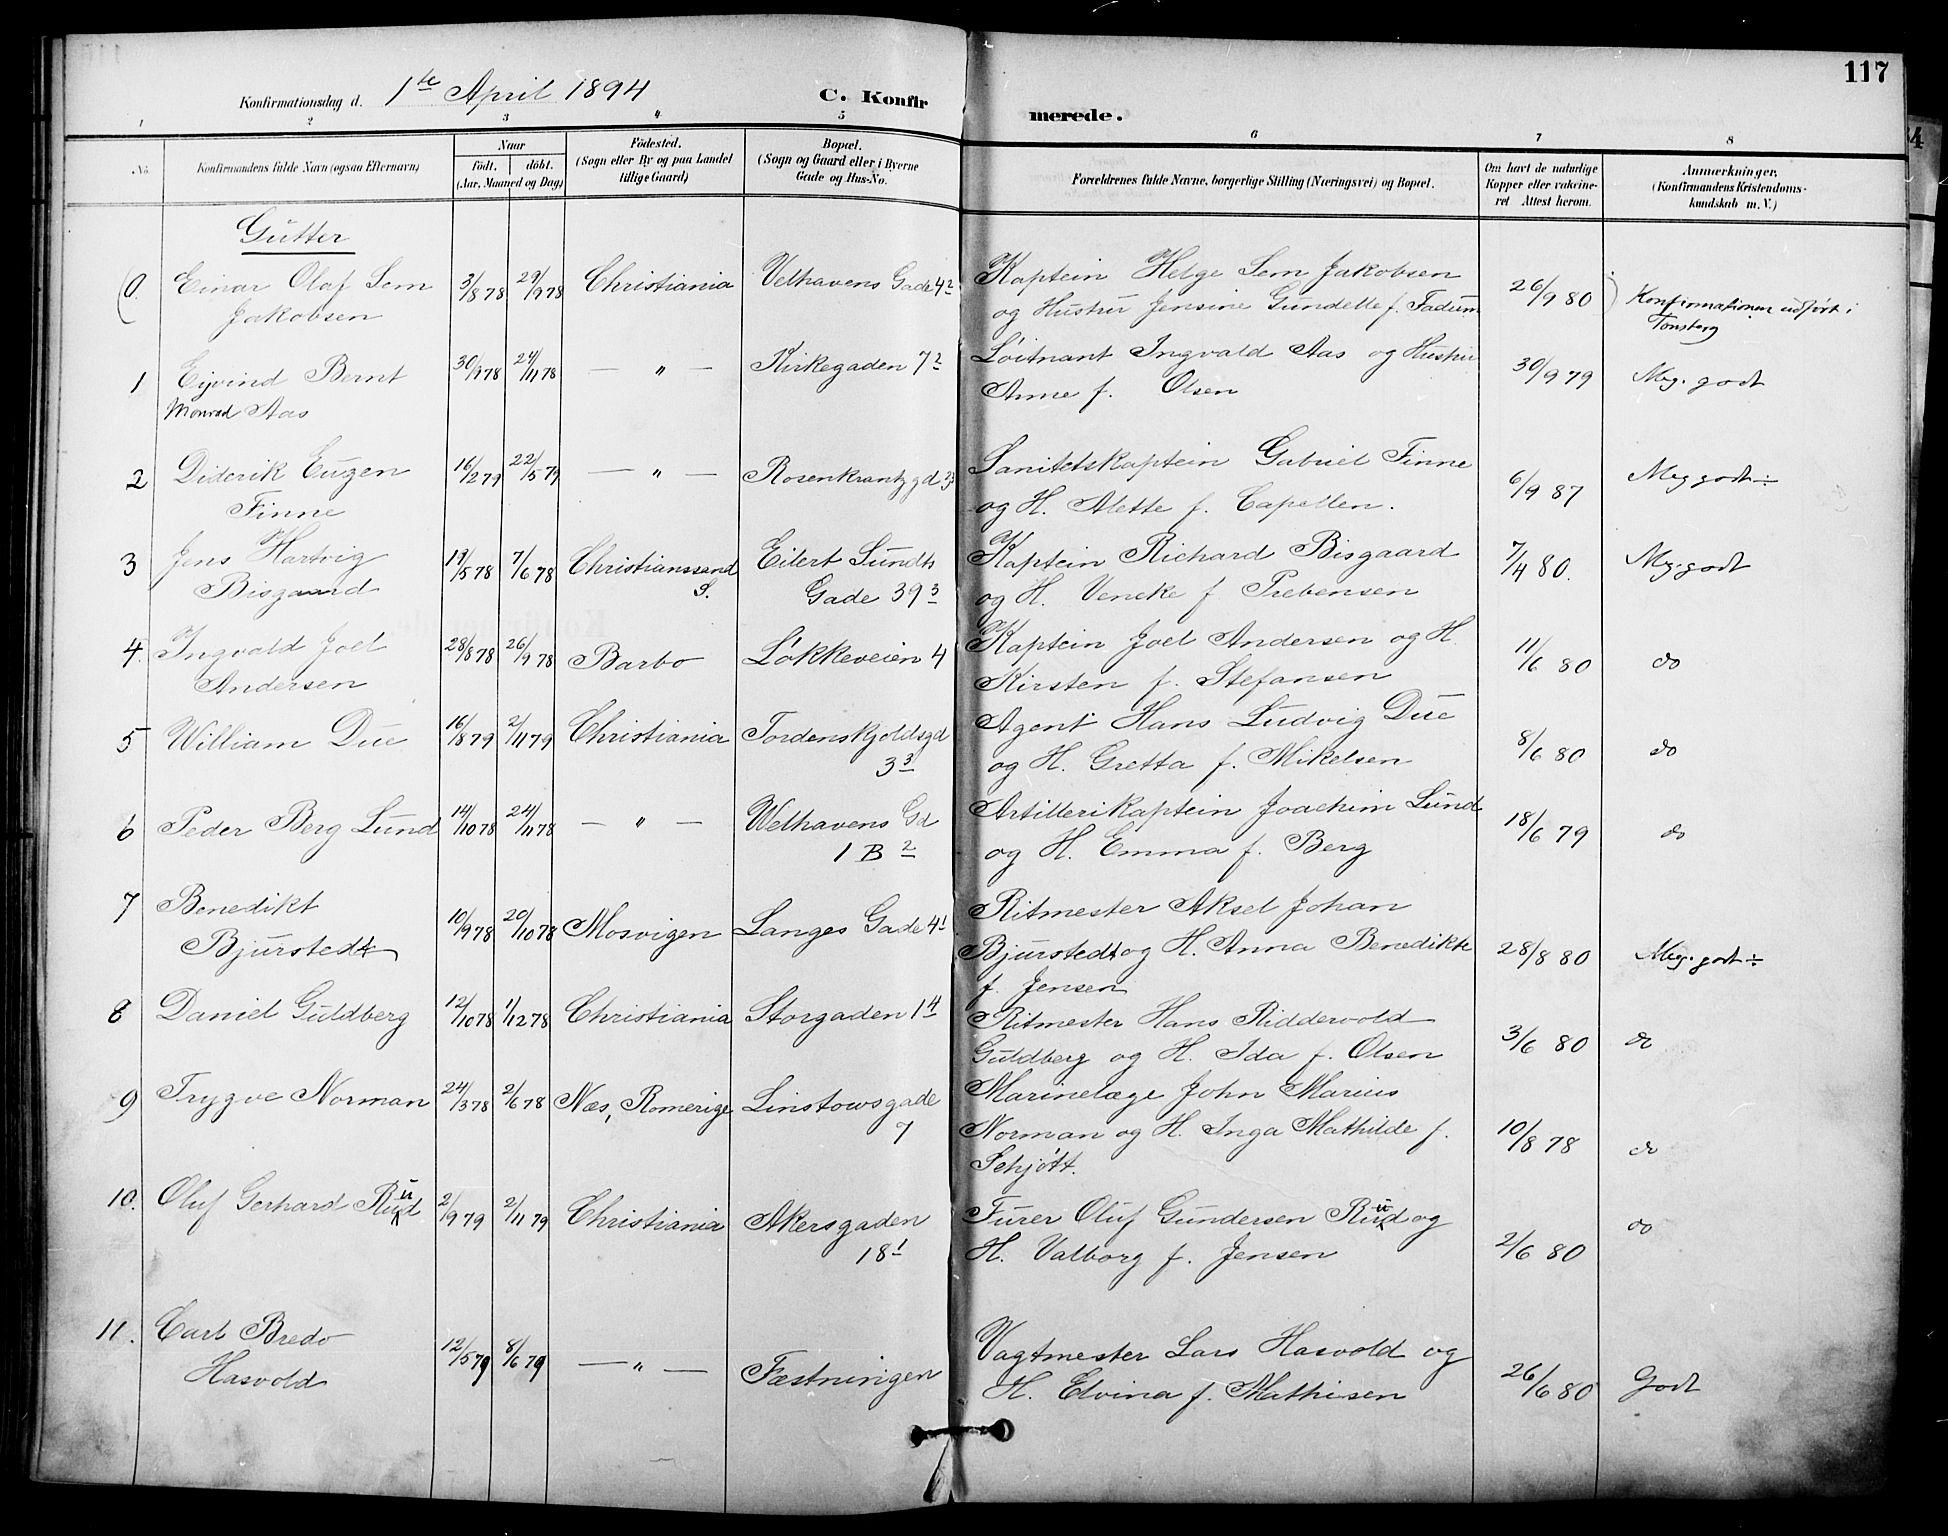 SAO, Garnisonsmenigheten Kirkebøker, F/Fa/L0013: Ministerialbok nr. 13, 1894-1904, s. 117